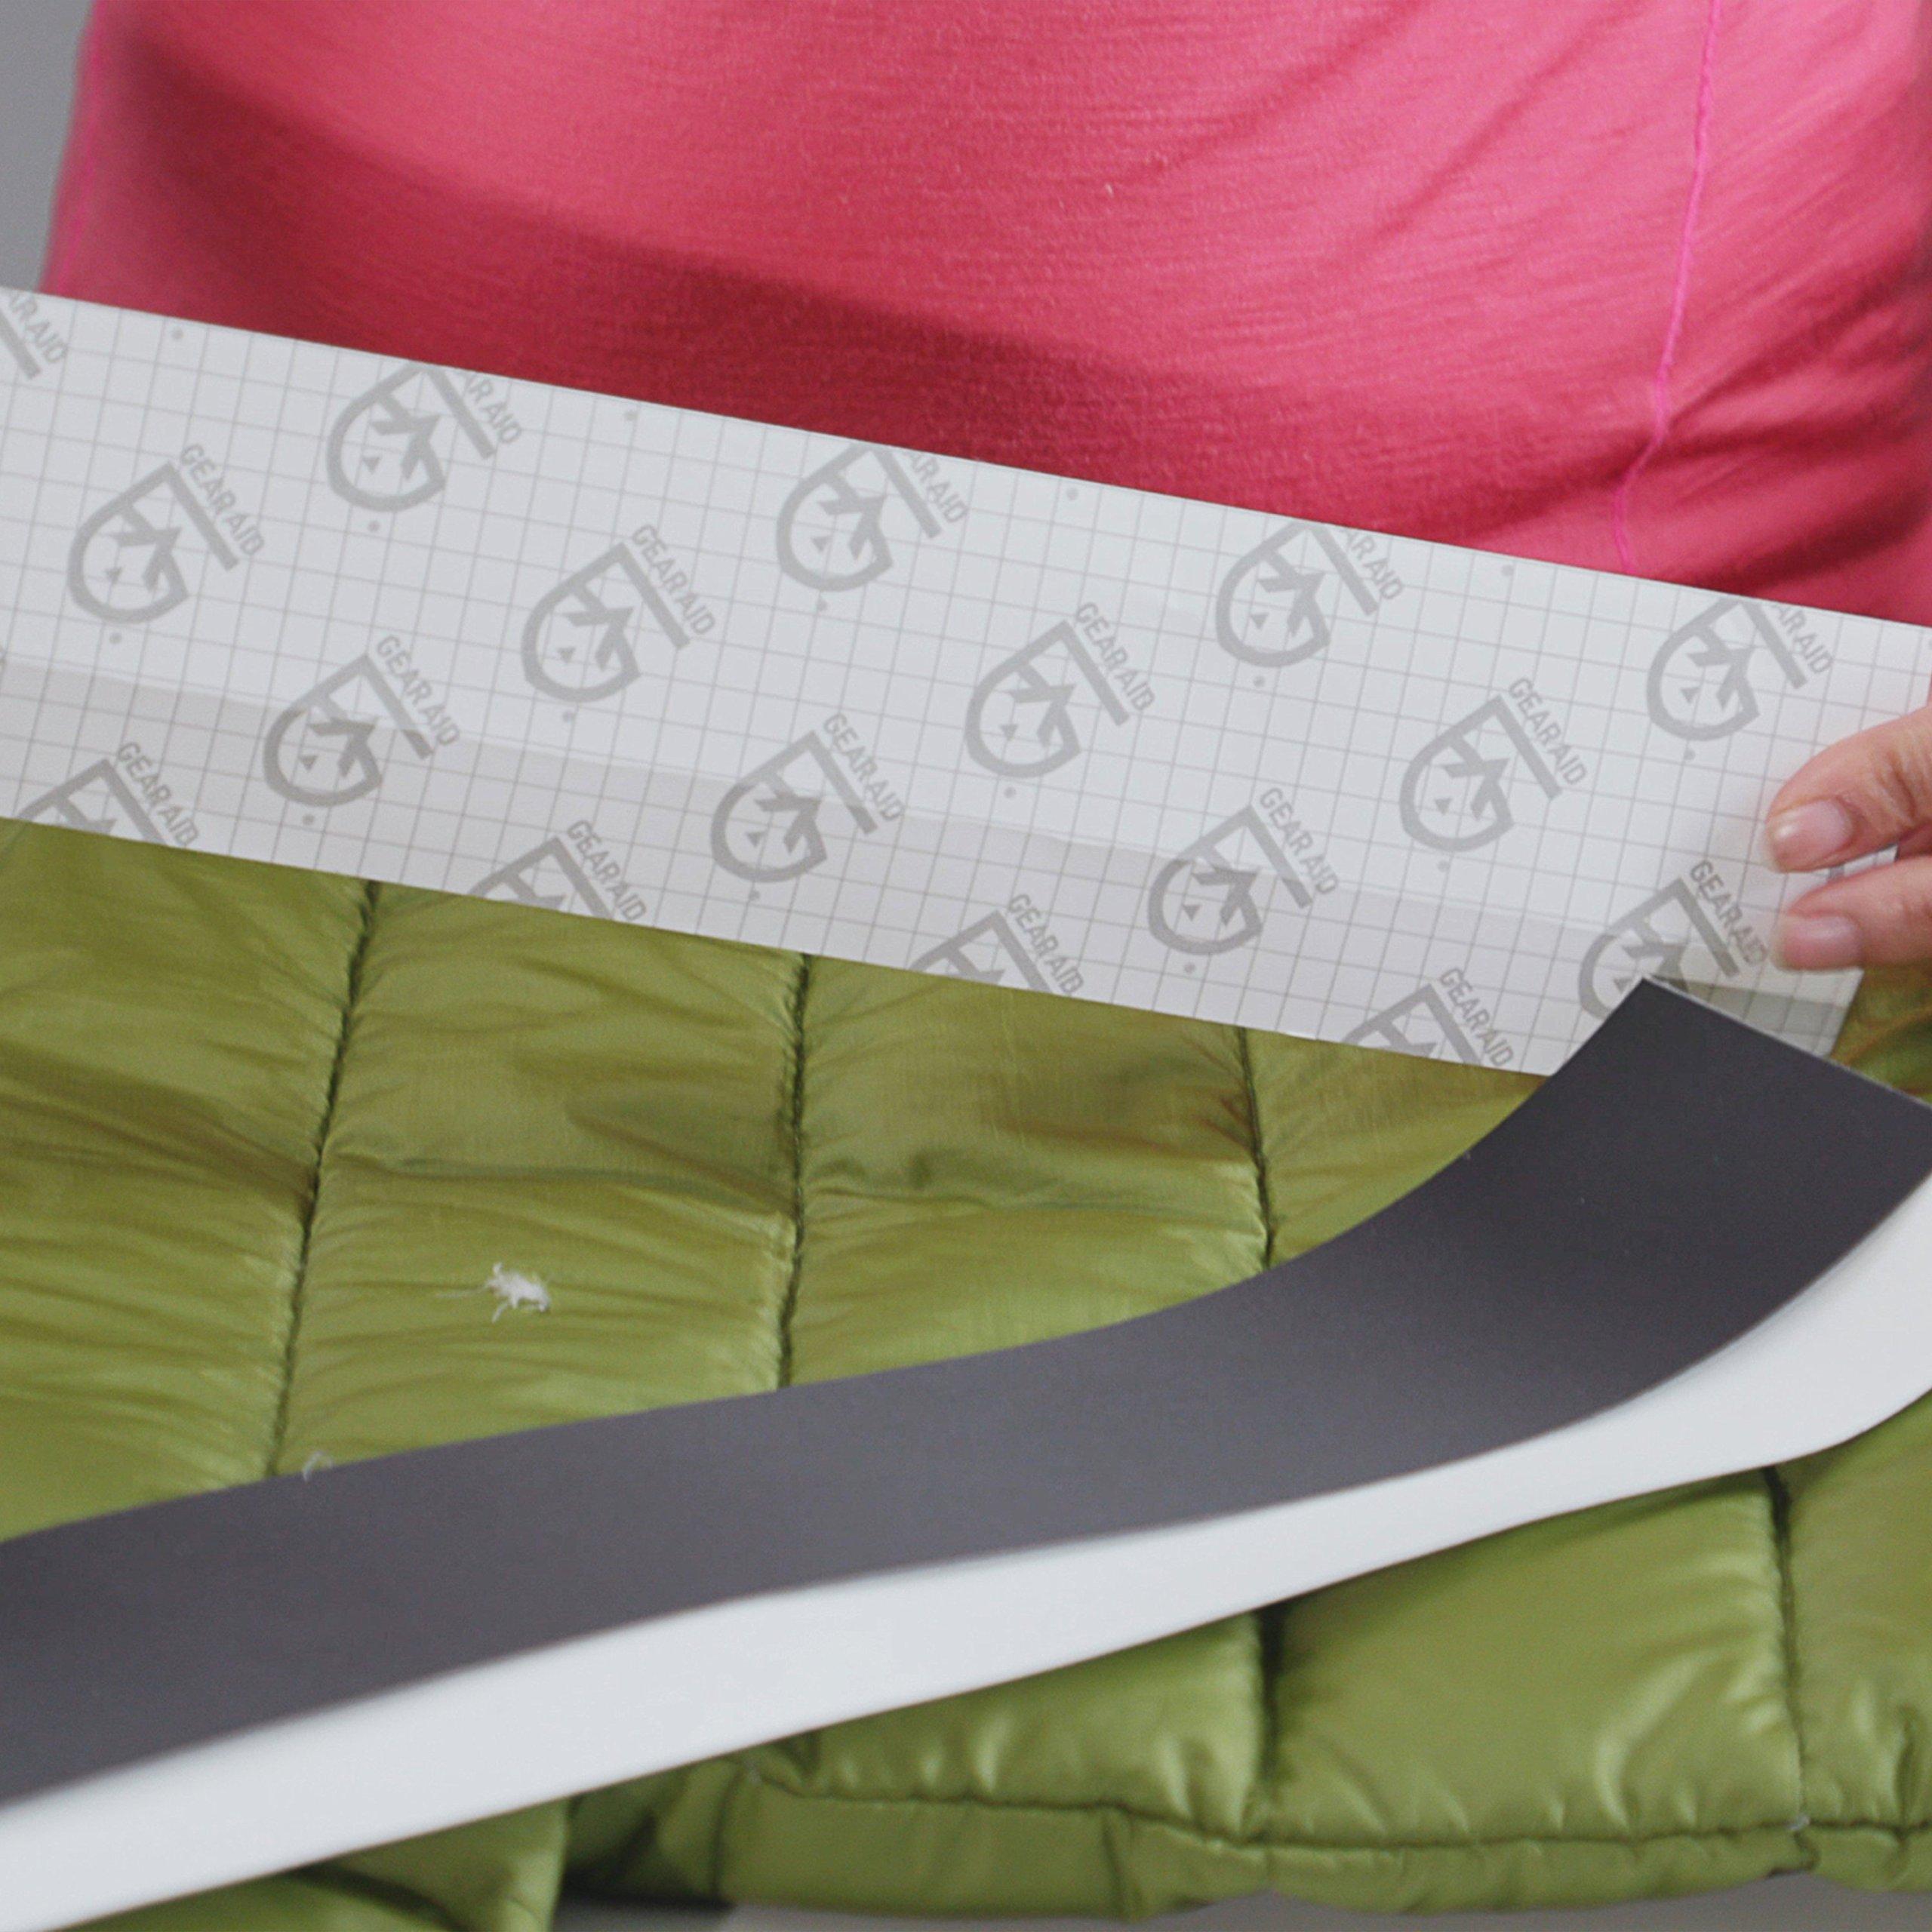 Gear Aid Tenacious Tape Repair Tape For Fabric And Vinyl